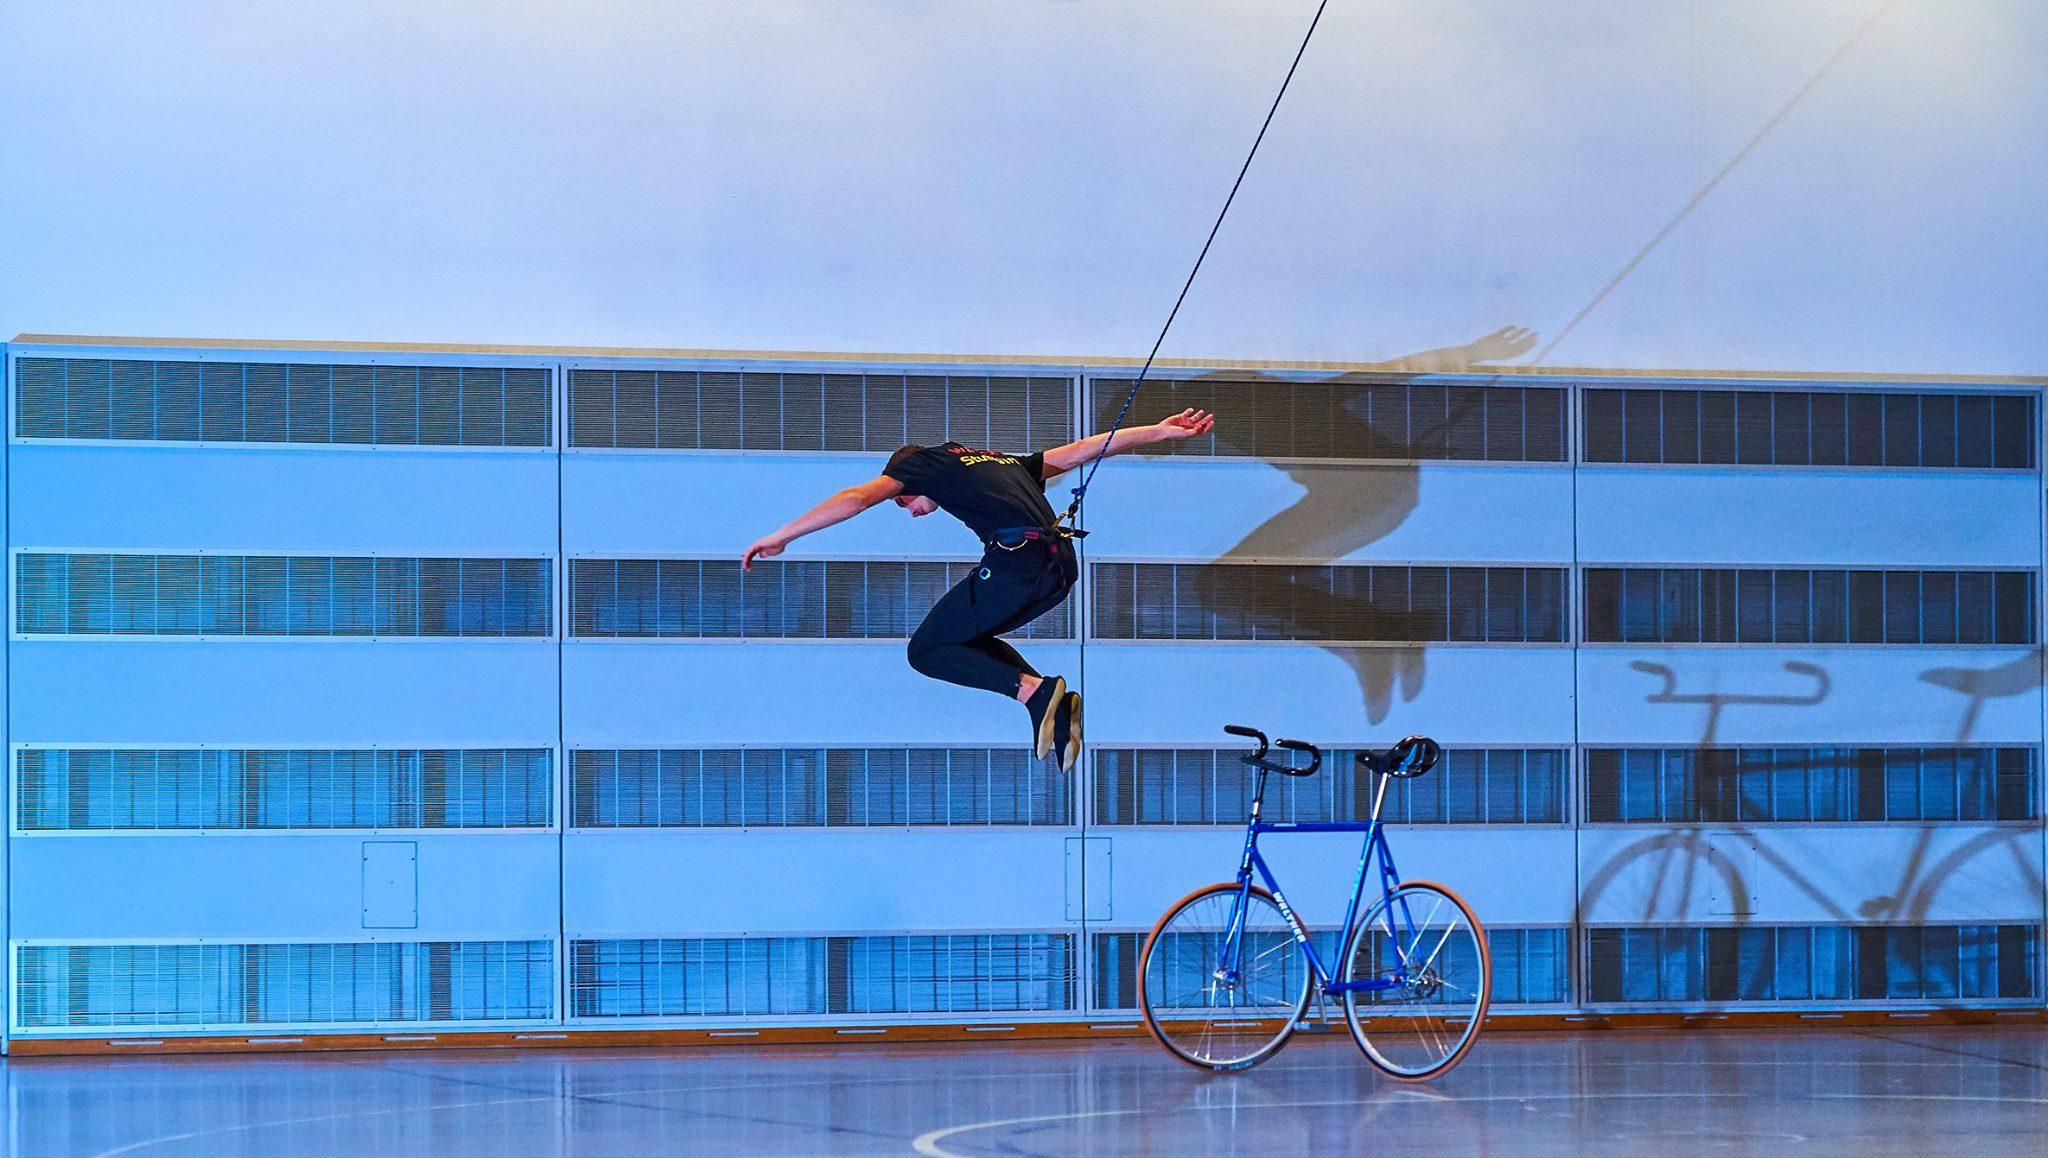 Kunst-/Einrad - ein Gang - ganz viel Acrobatic des RSV Öschelbronn